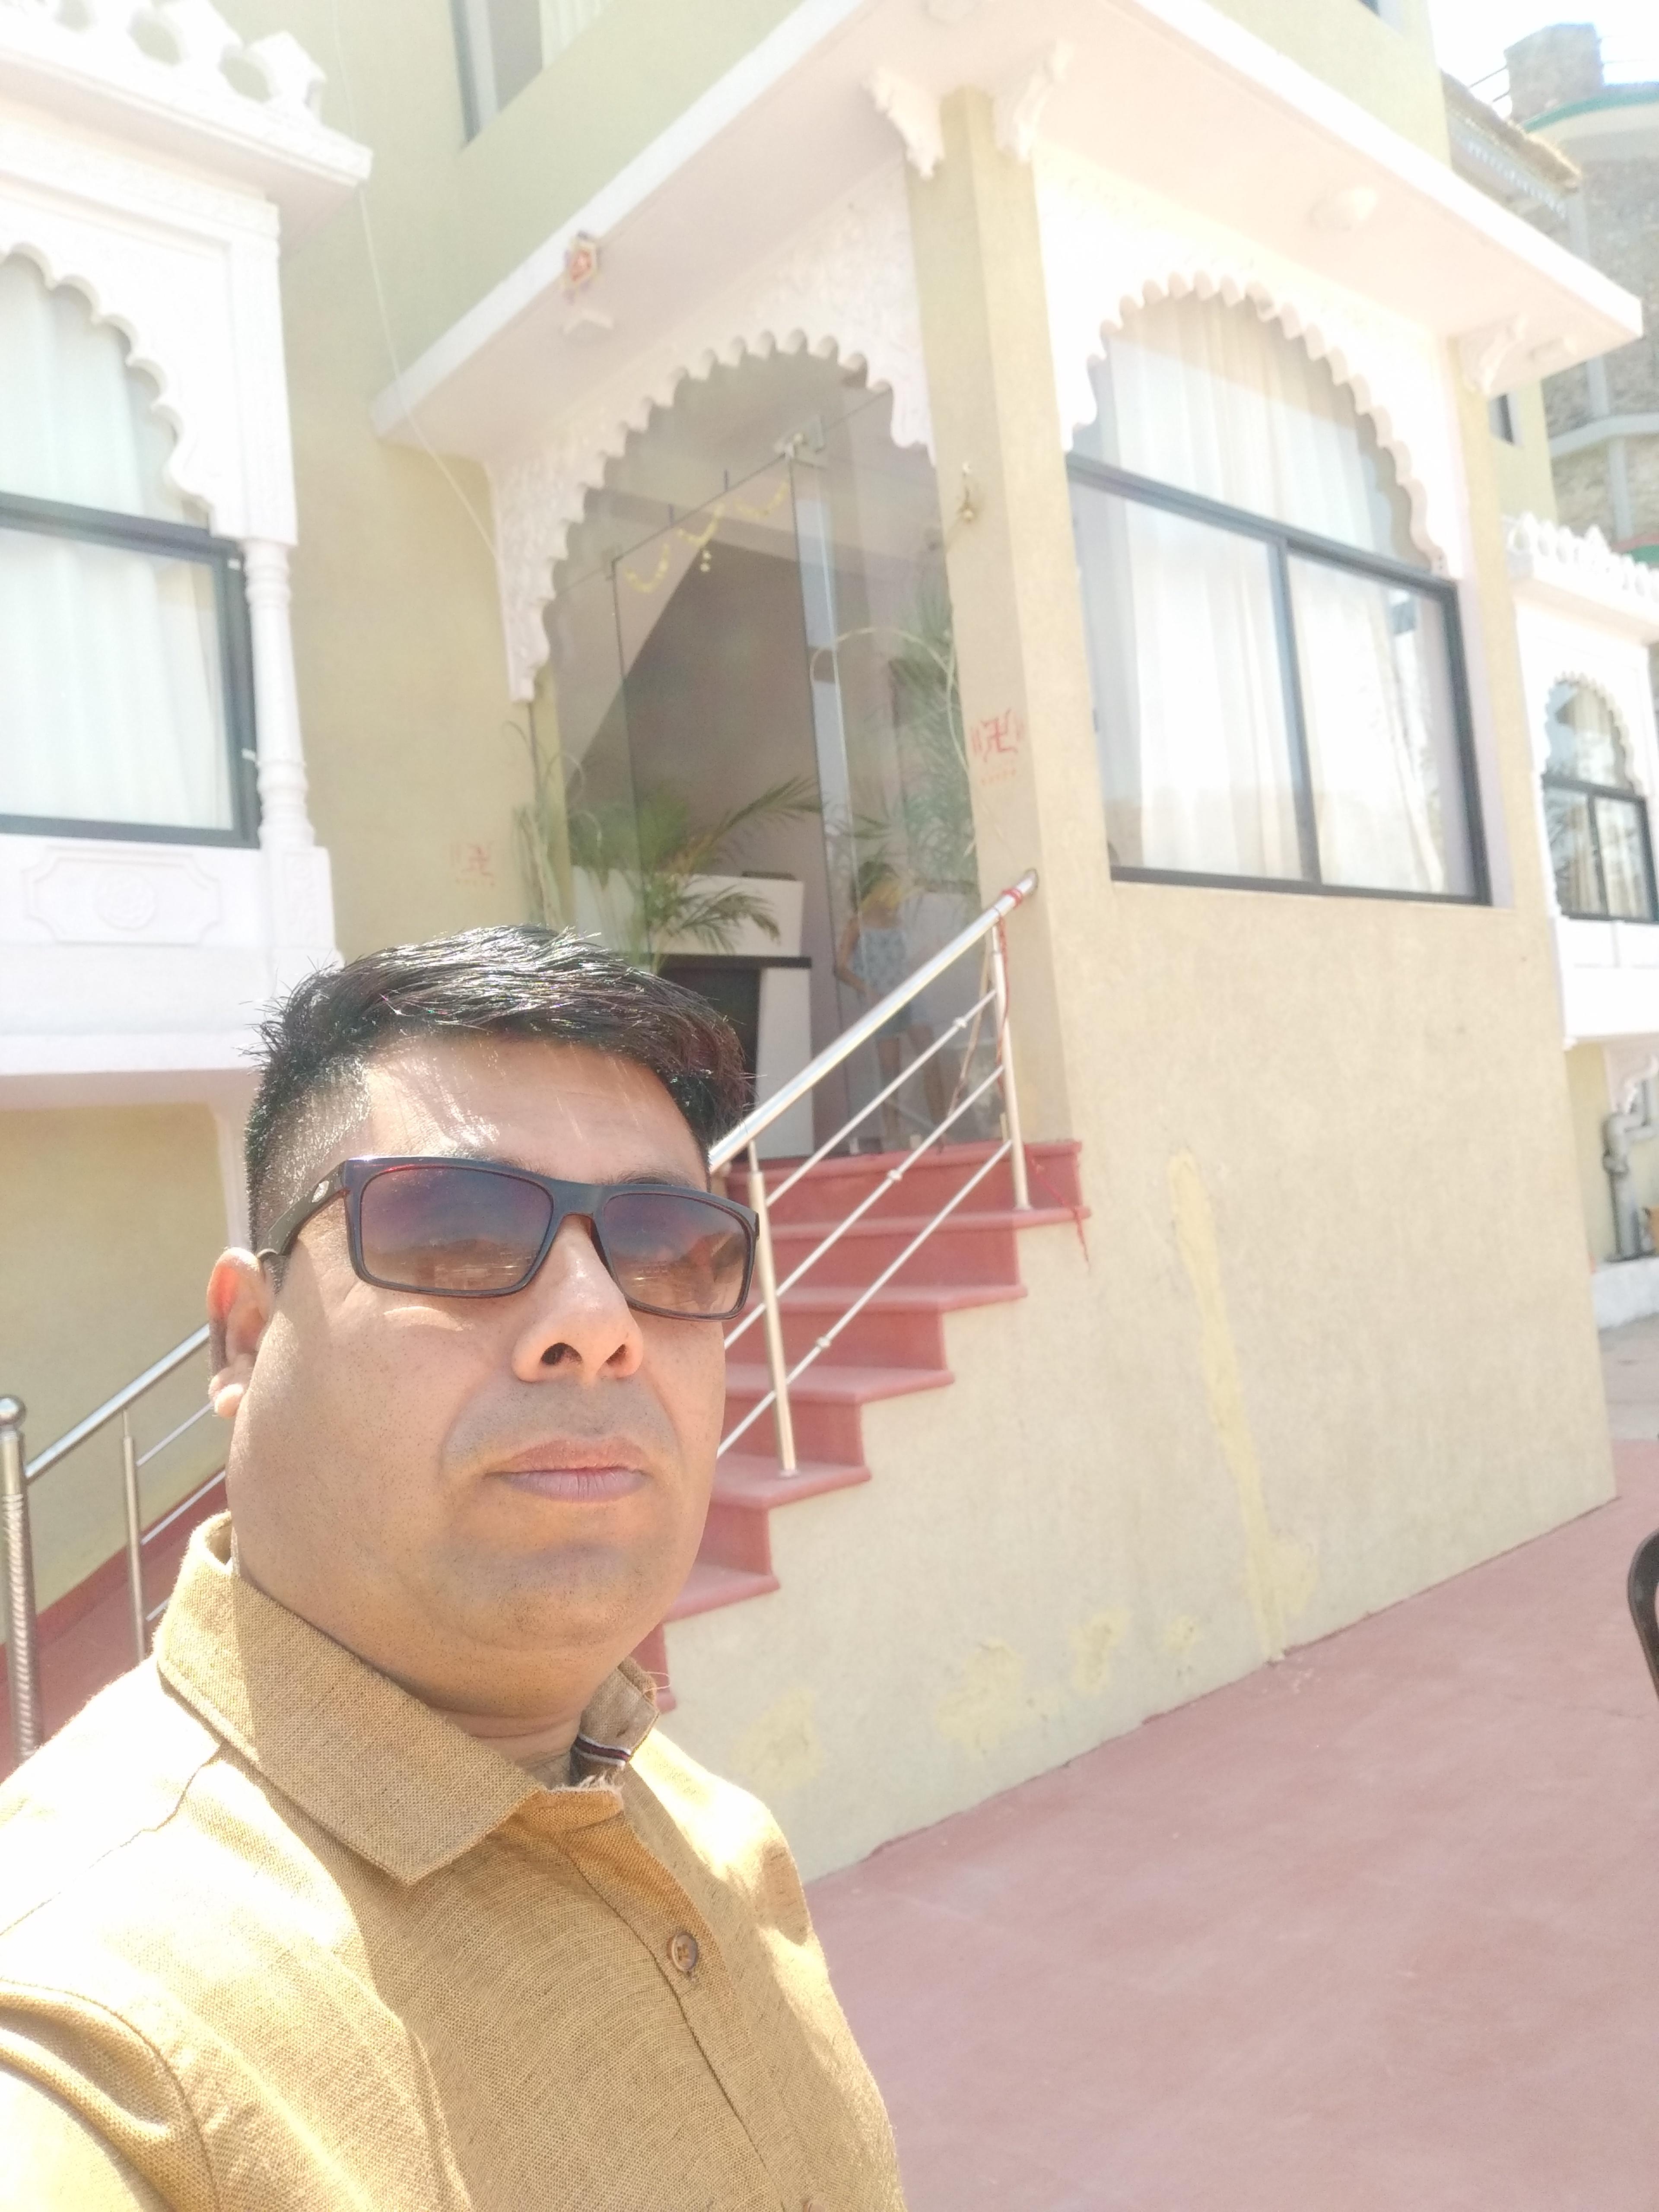 Mohan khatri